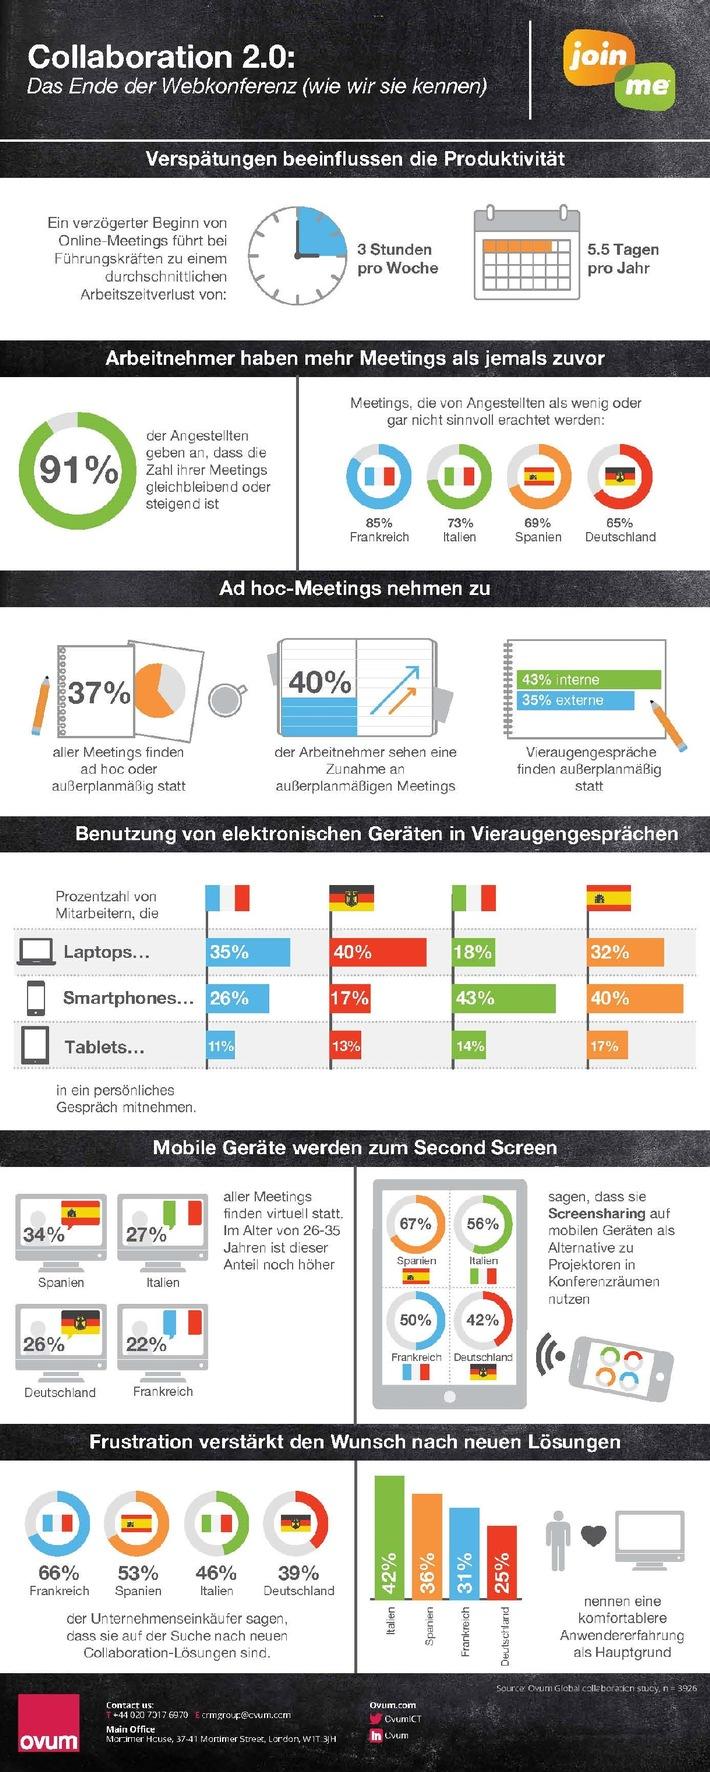 Neue Studie von Ovum und LogMeIn zeigt, dass Arbeitnehmer immer mehr Zeit in Meetings verbringen / Führungskräfte verlieren über fünf Tage pro Jahr nur durch Verzögerungen bei Online-Meetings